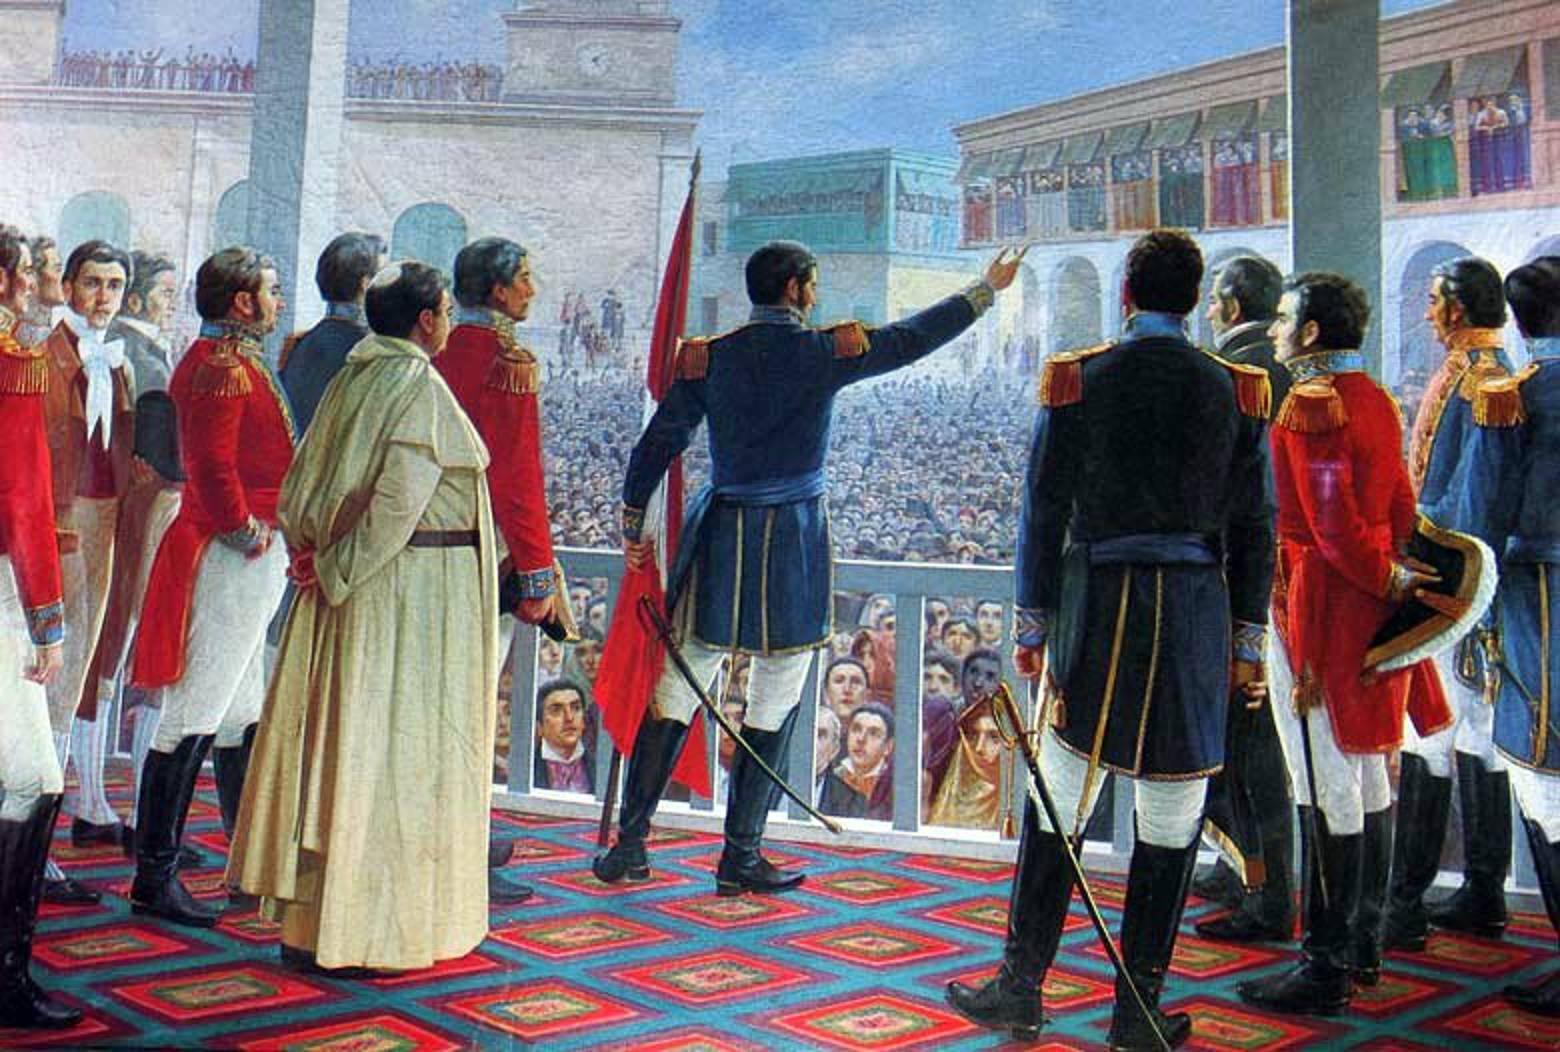 La_Independencia_del_Perú